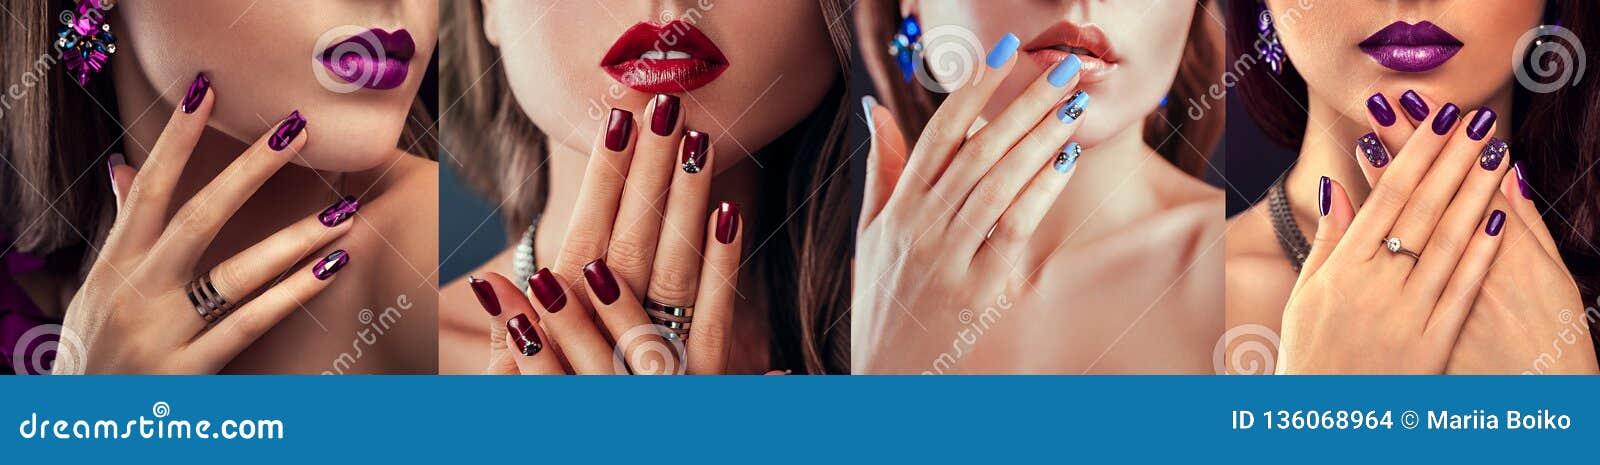 Schönheitsmode-modell mit unterschiedlichem Make-up und Nagel entwerfen tragenden Schmuck Satz der Maniküre Vier stilvolle Blicke